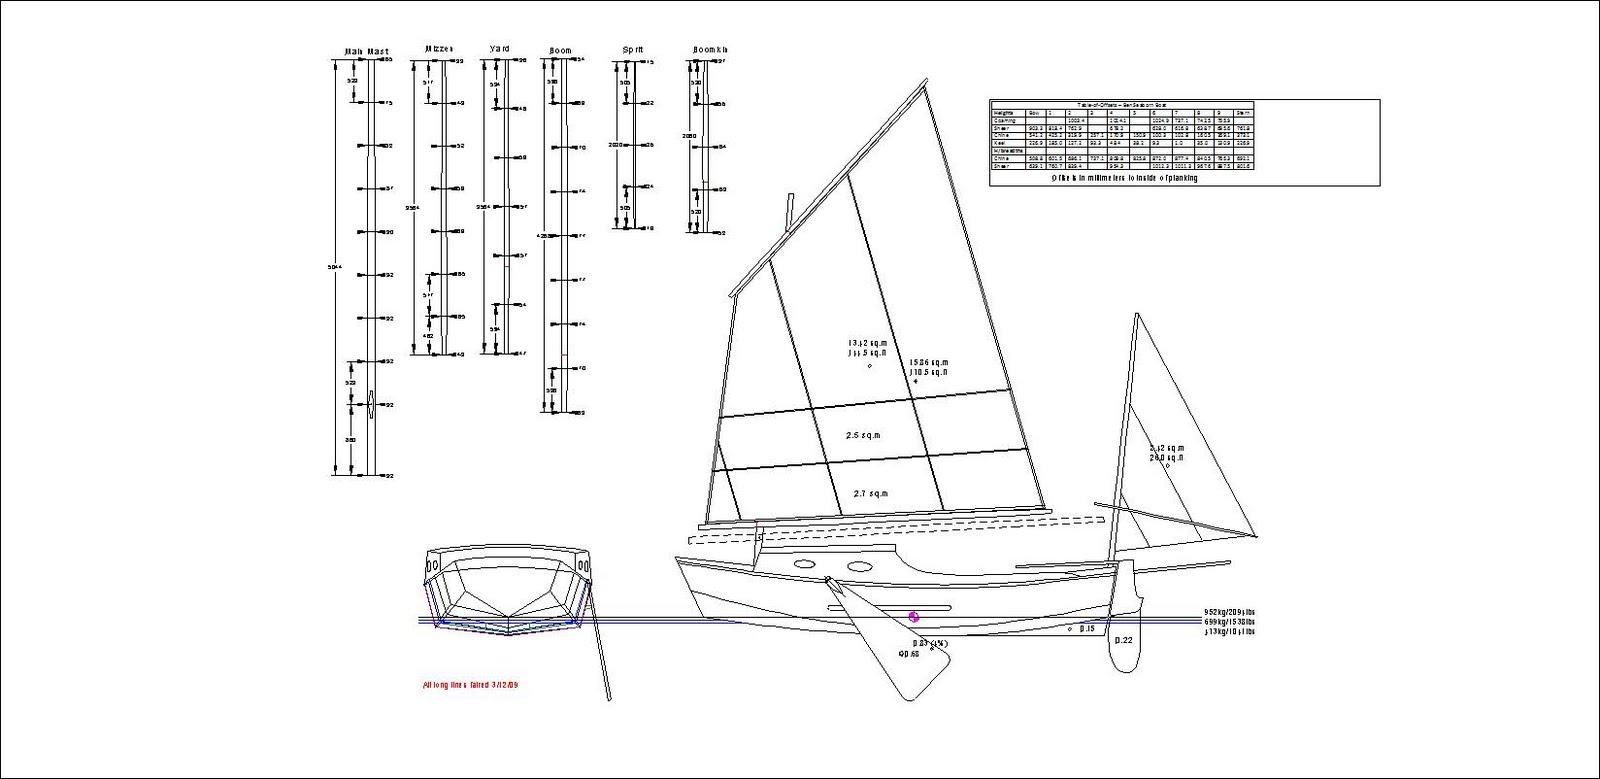 Ross Lillistone Wooden Boats: Bilge Keels